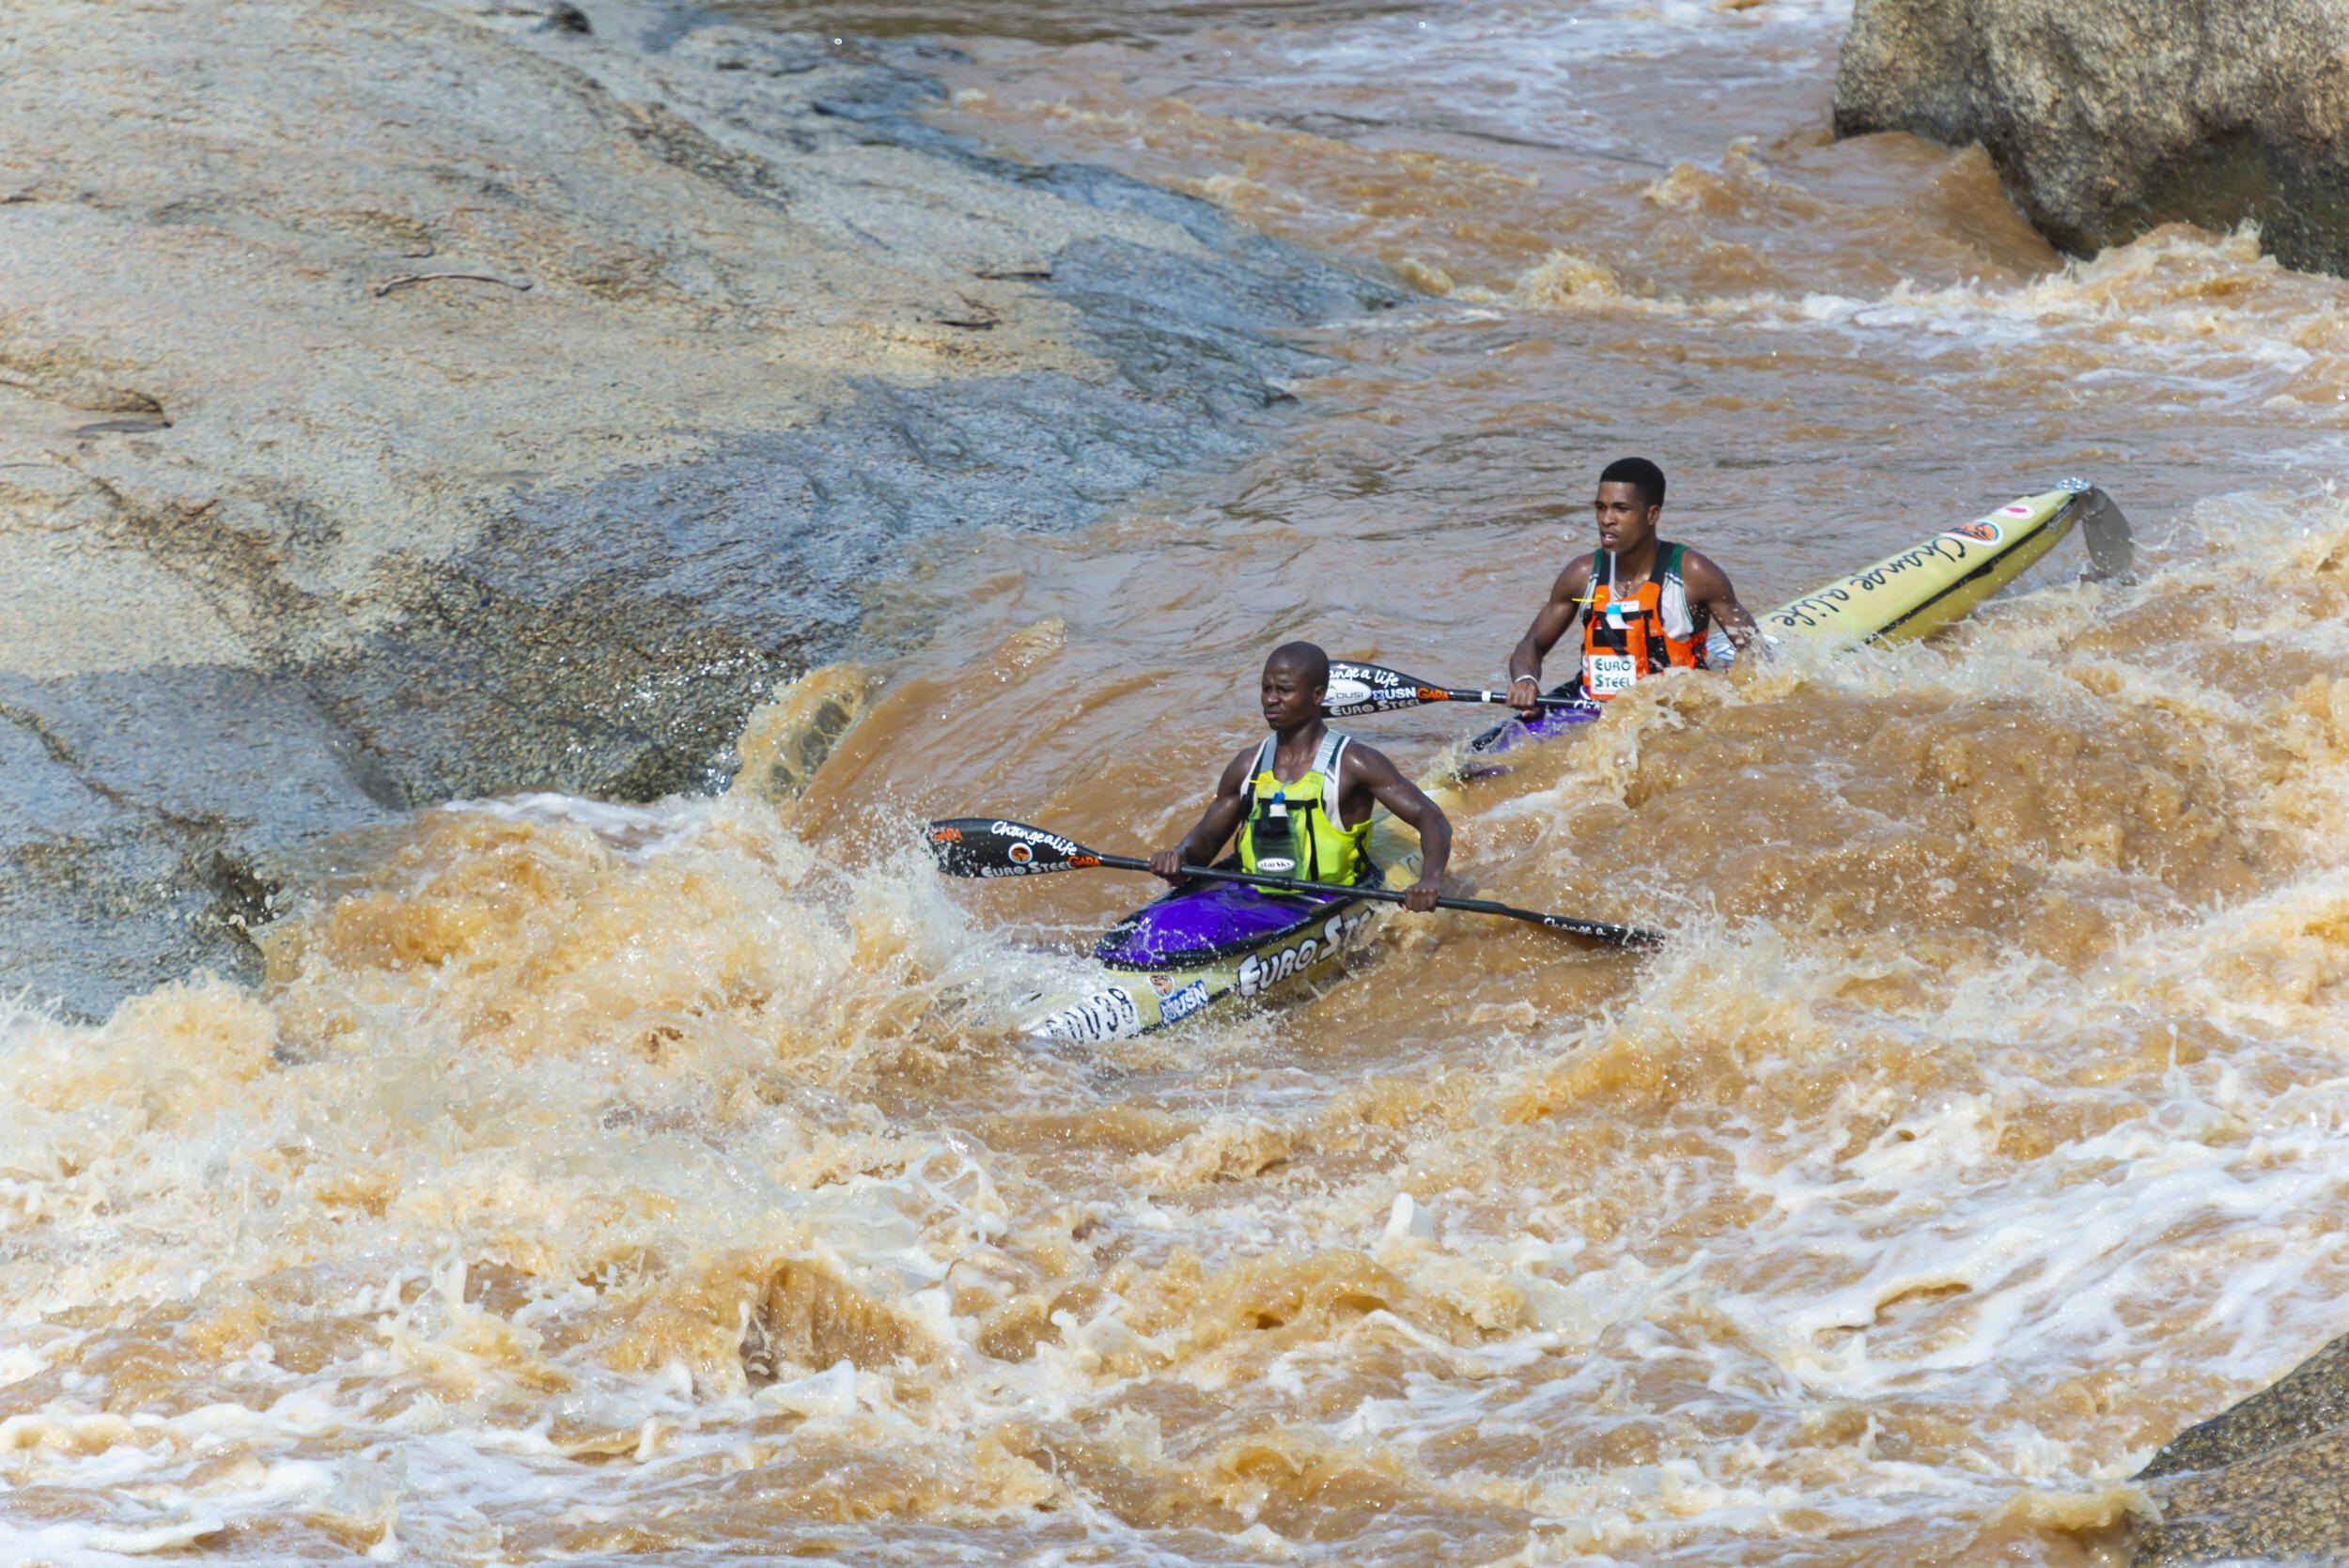 Mtolo and Msiya rule the river